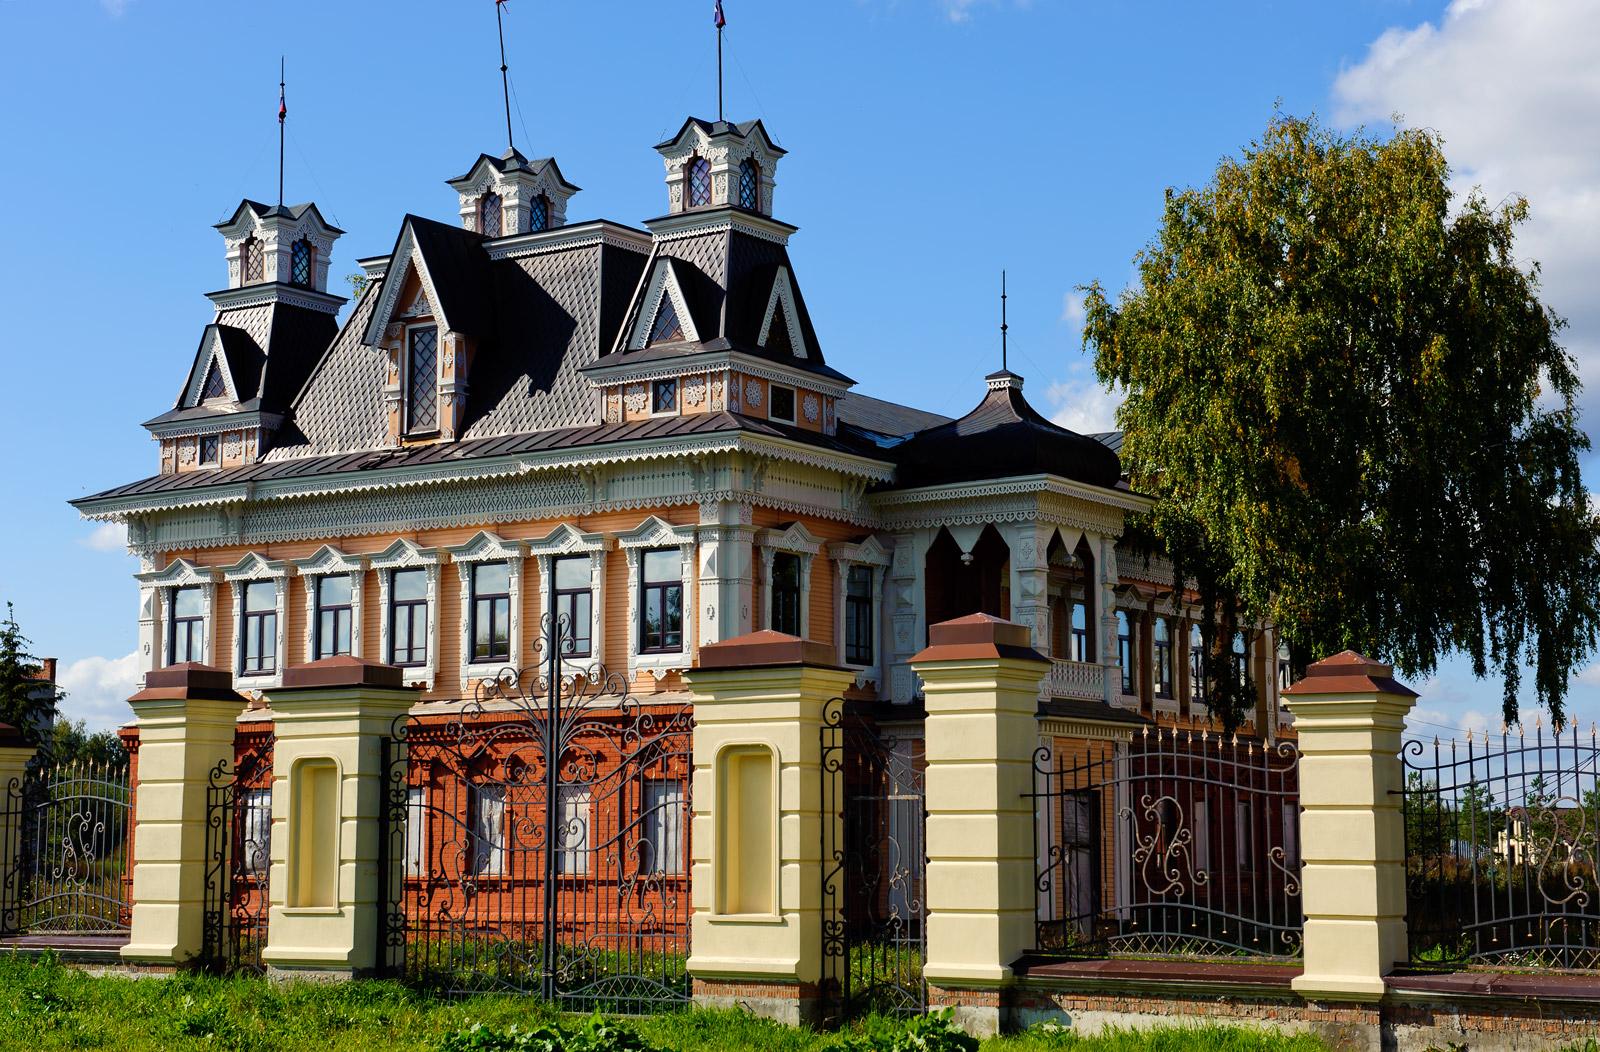 Гостевой дом Понизовкина.